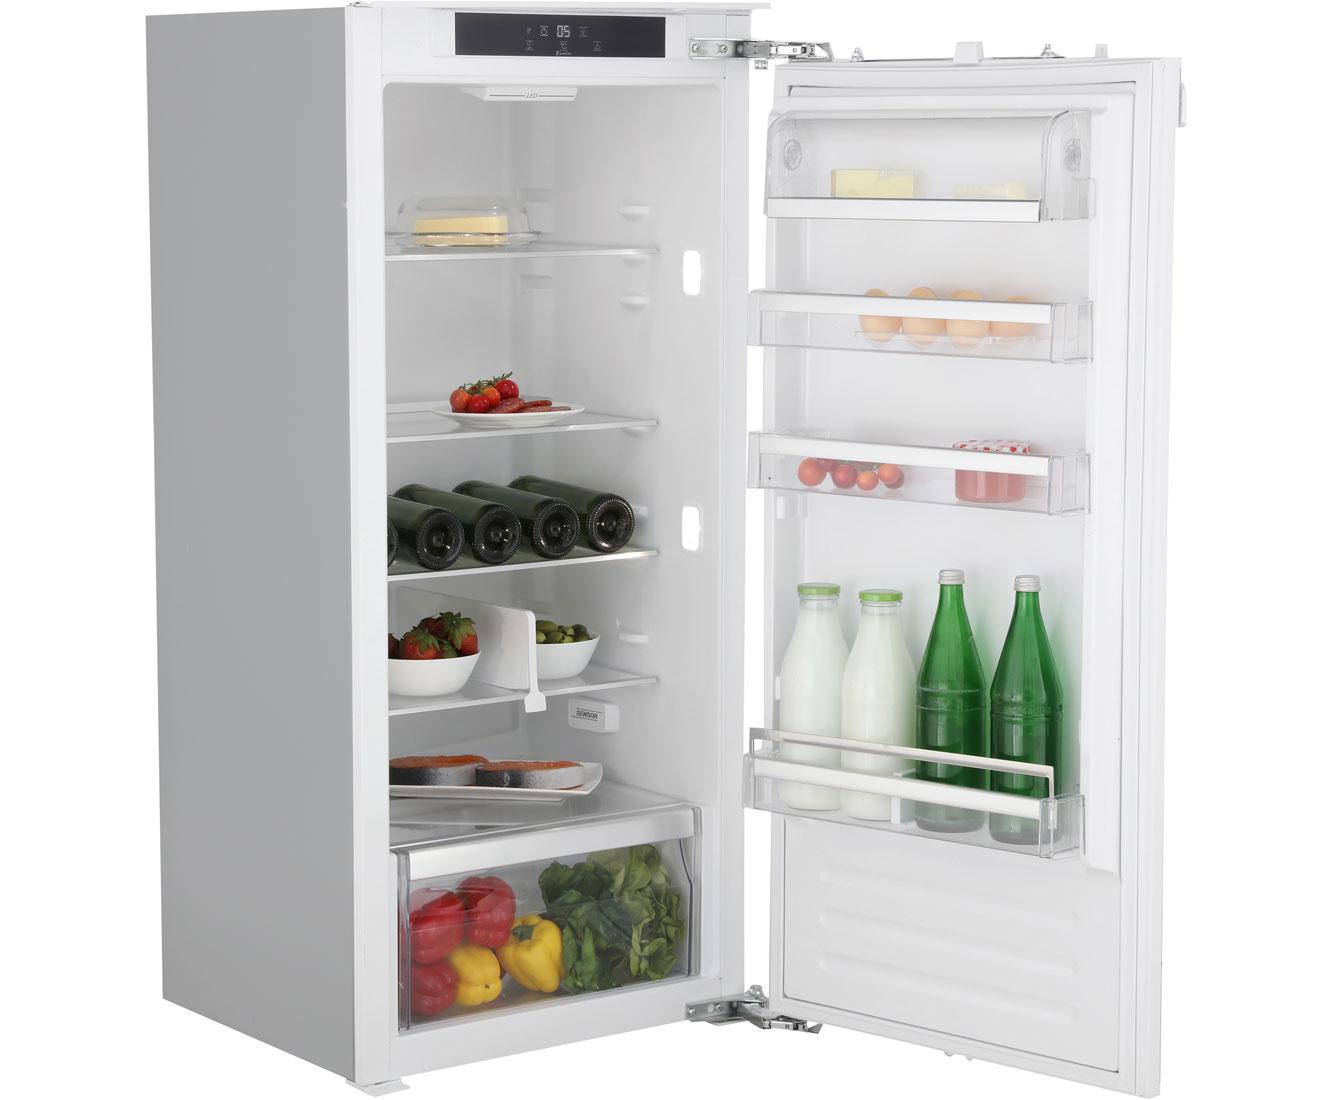 Aeg Kühlschrank Gefriert : L einbau kühlschrank a preisvergleich u2022 die besten angebote